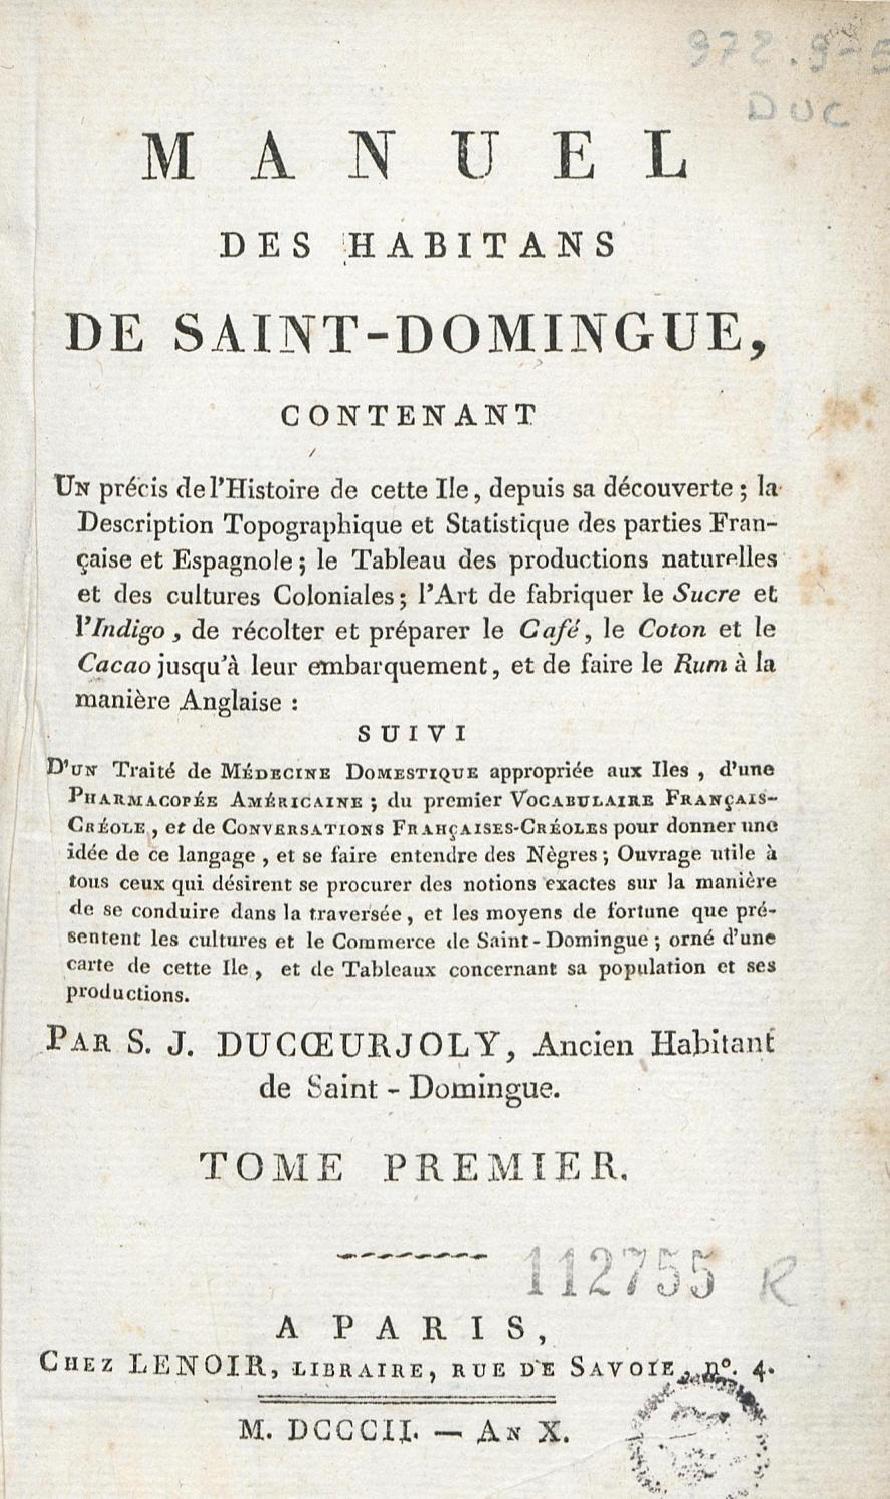 Manuel des habitans de Saint-Domingue, contenant un précis de l'histoire de cette île T.1 (1) page 1